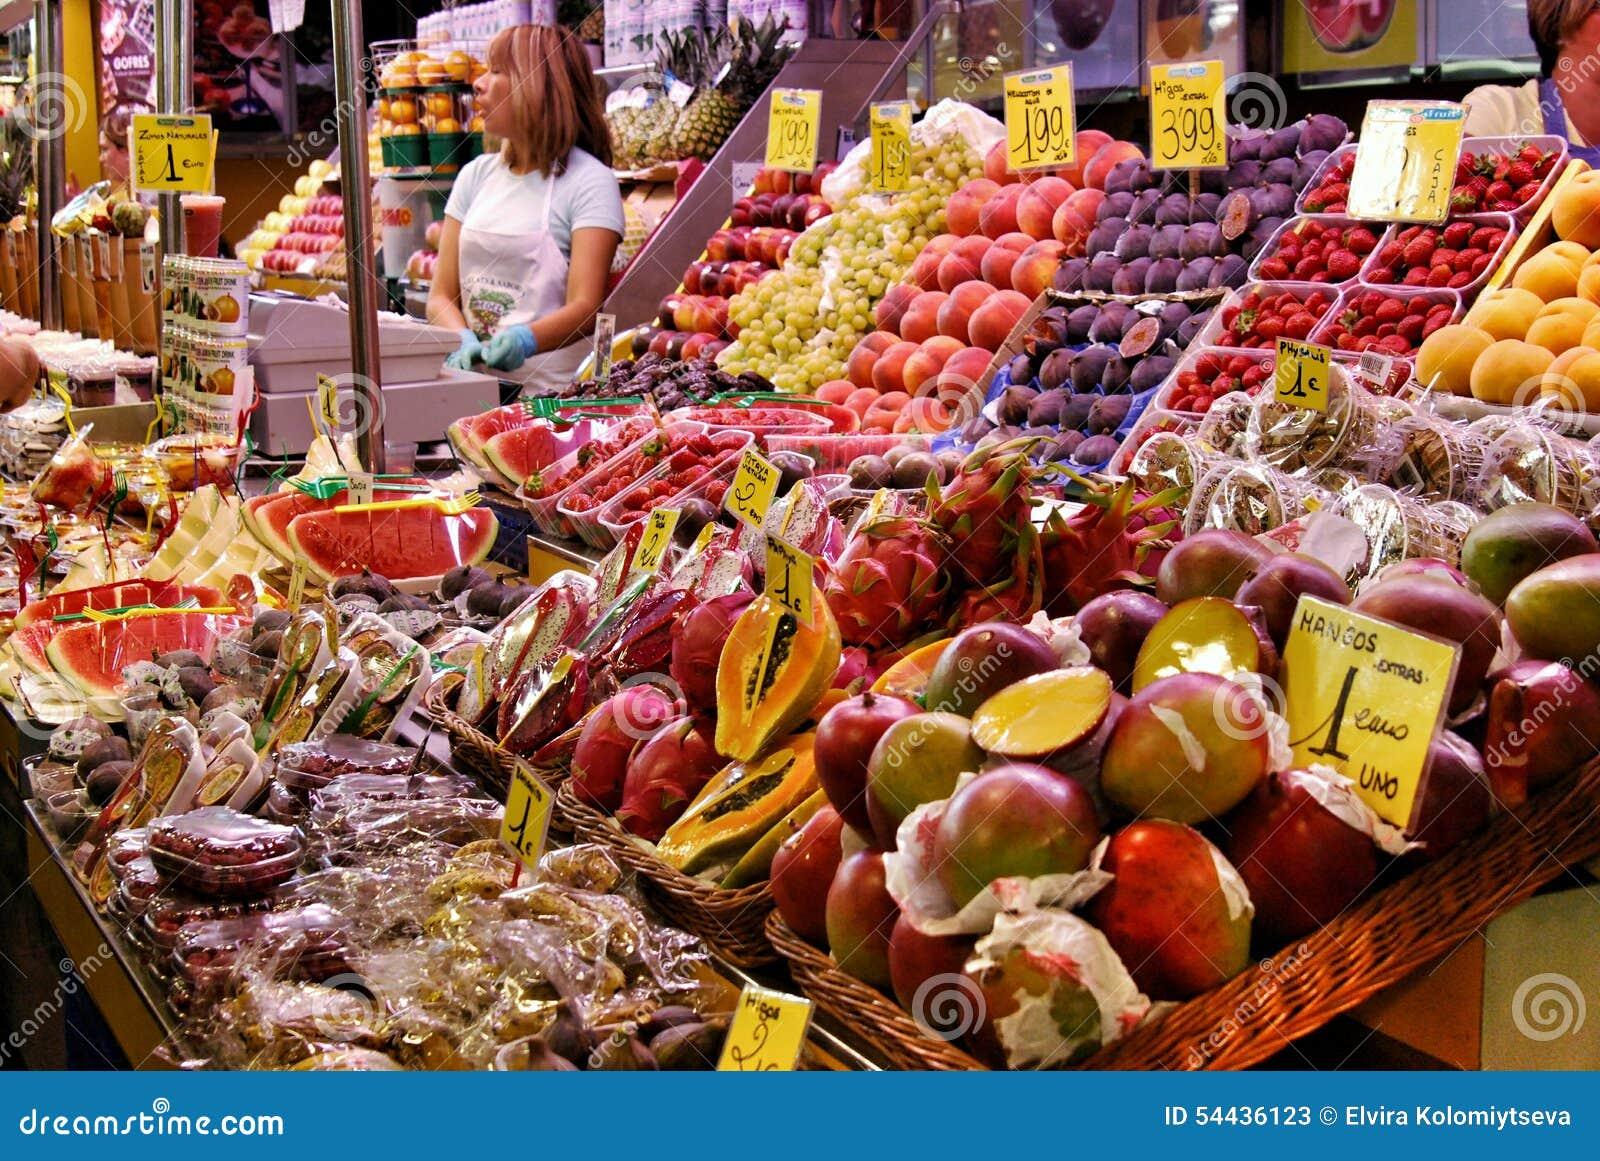 Légumes et fruits tropicaux sur le marché central à Barcelone